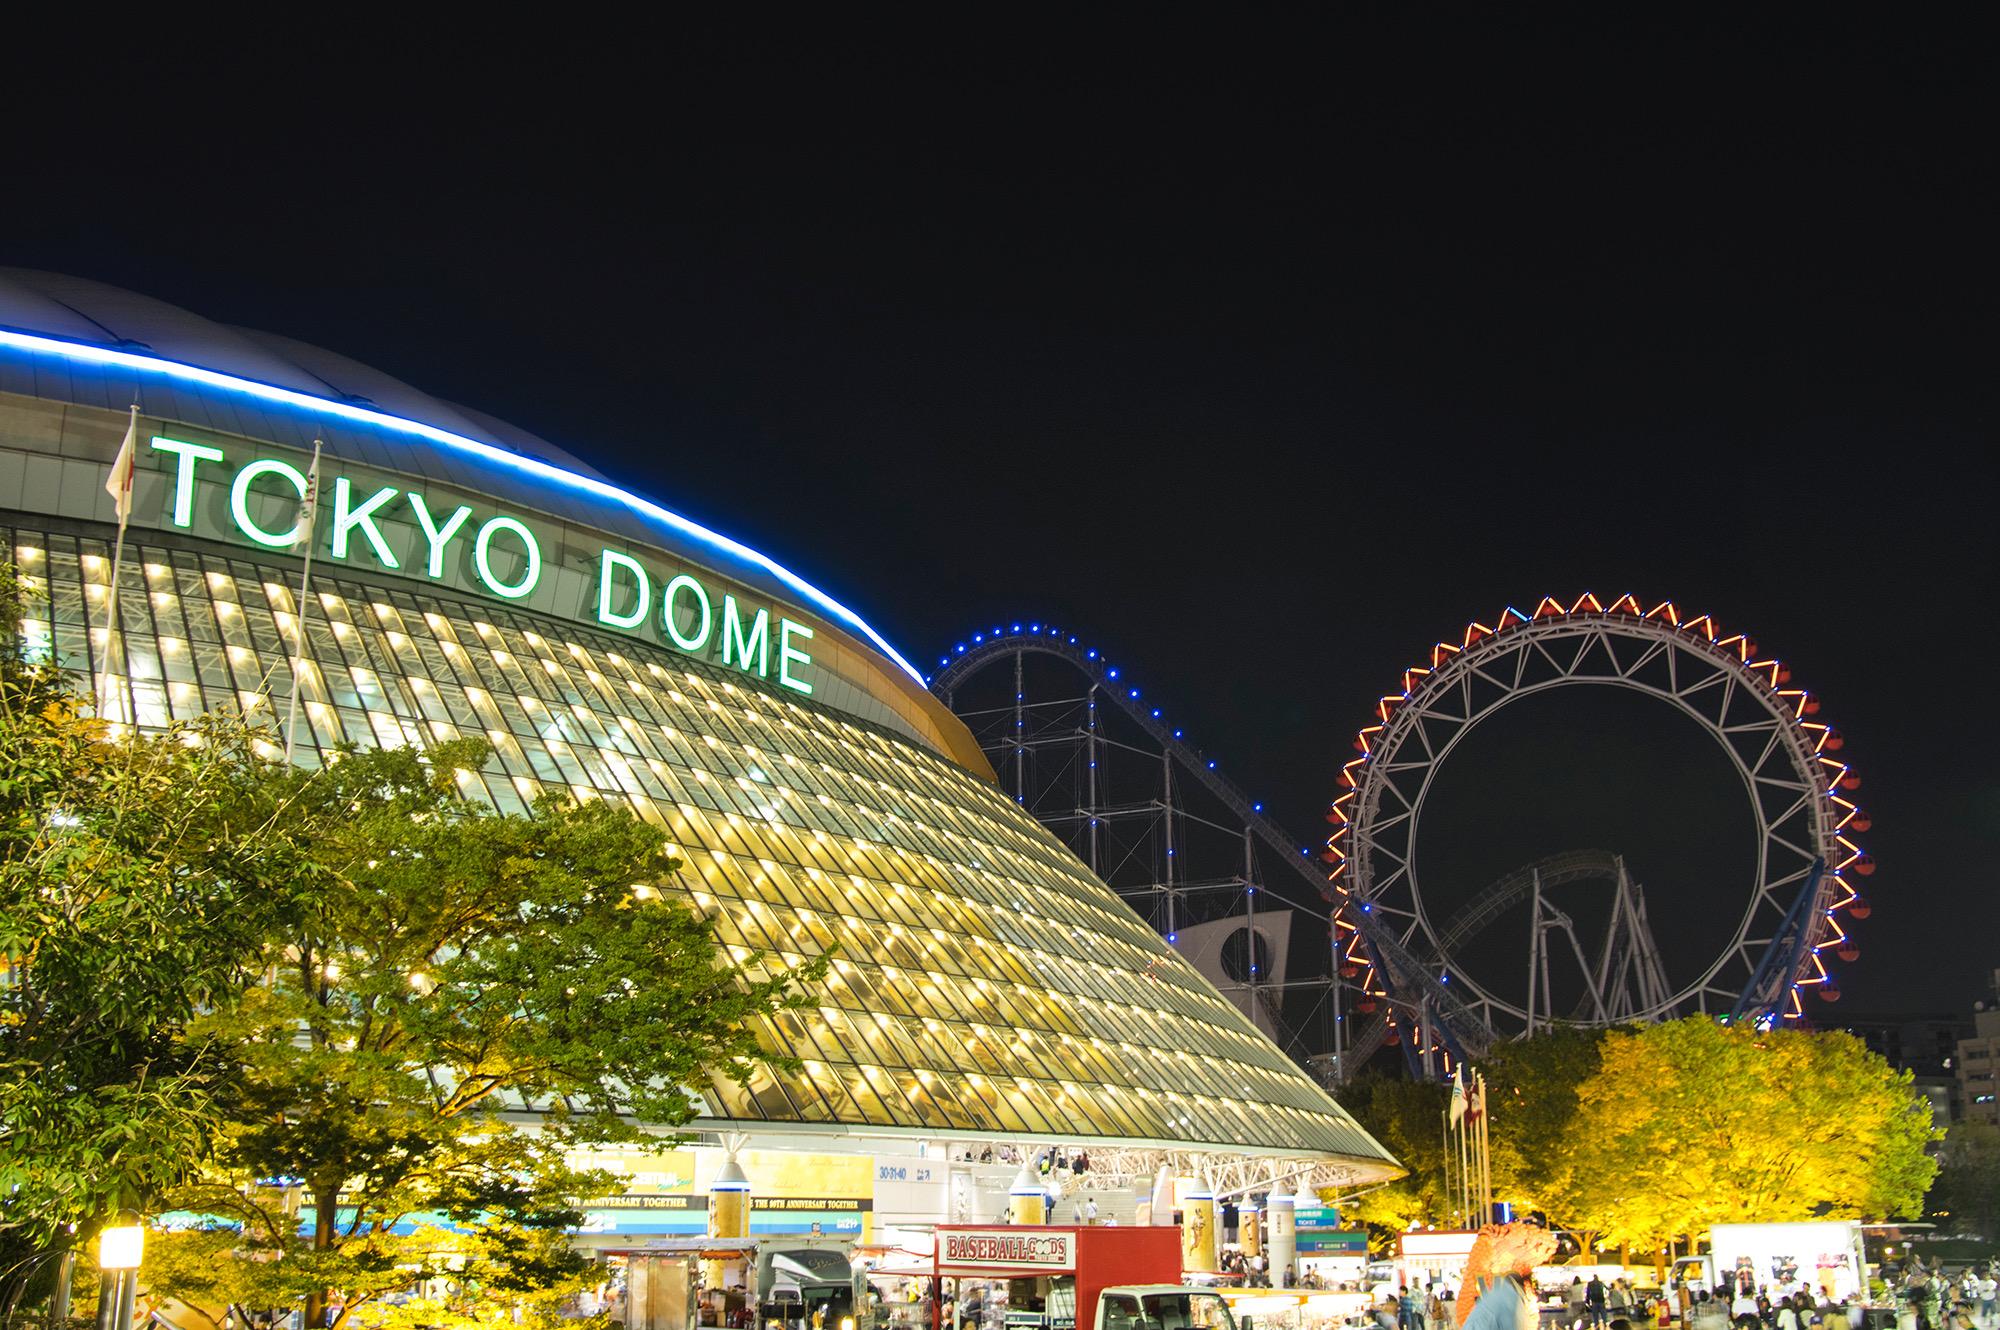 東京ドームシティ【I-11 水道橋駅】